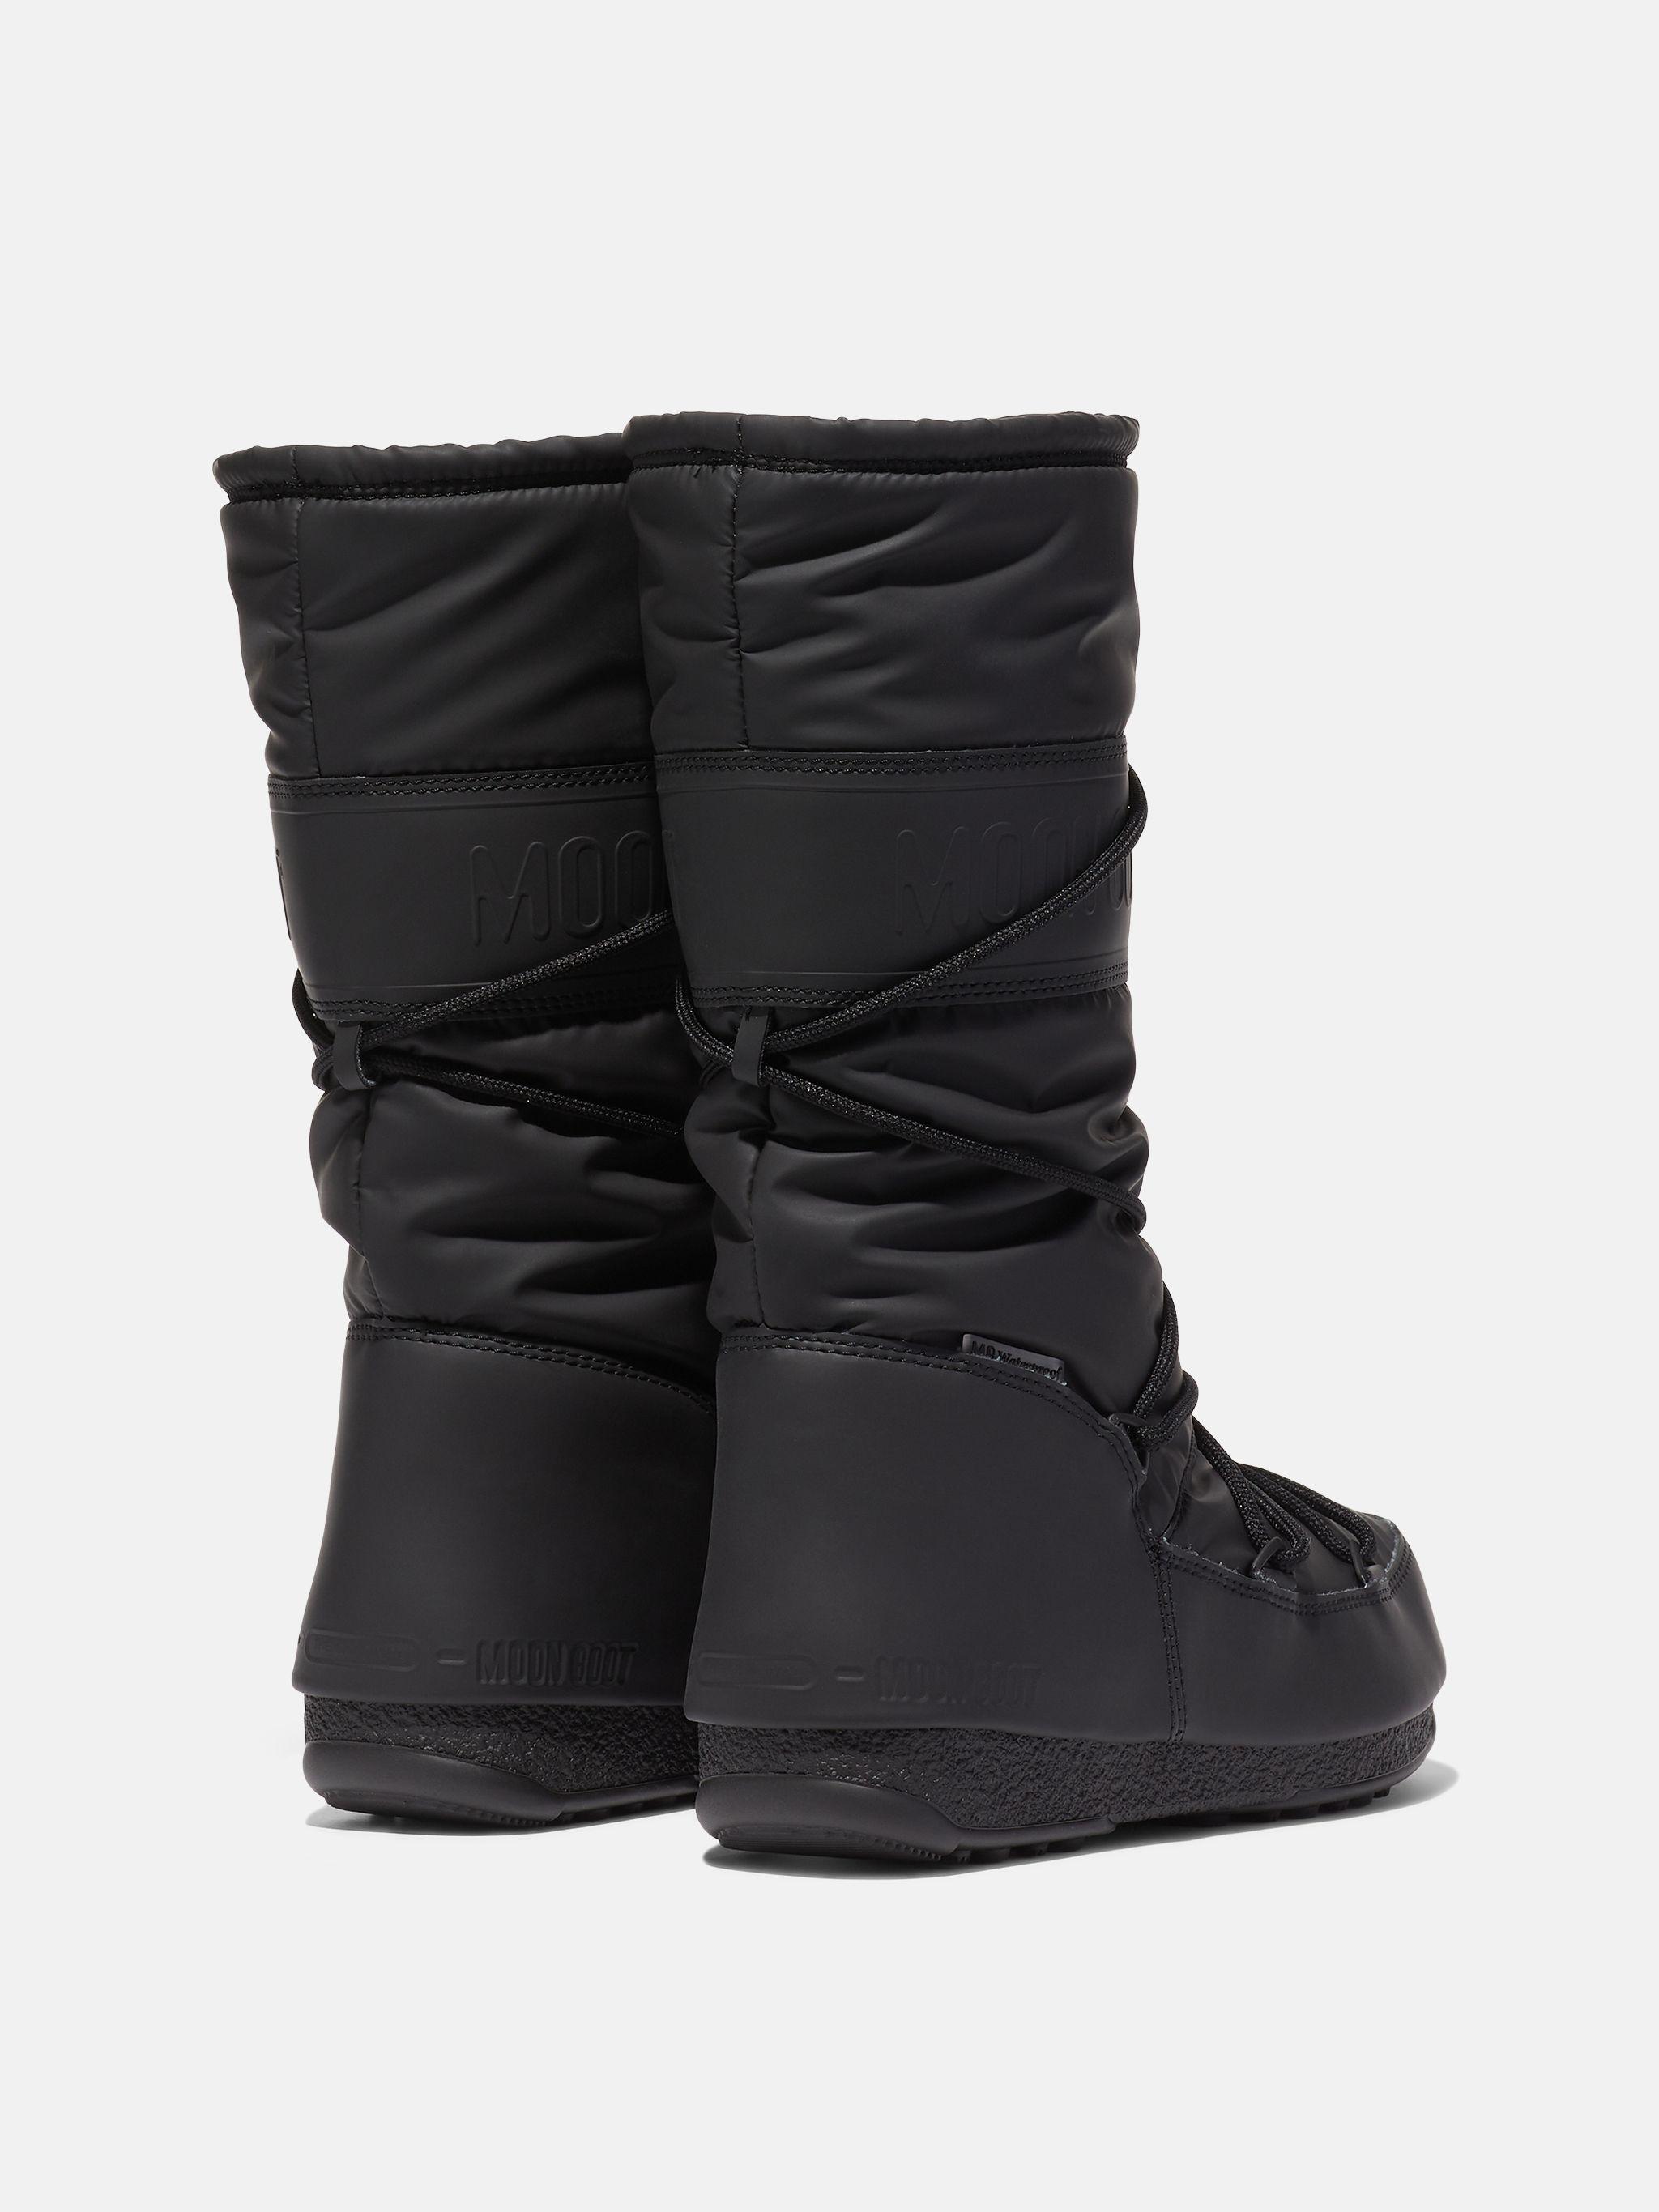 BOTTES PROTECHT HI-TOP BLACK EN CAOUTCHOUC